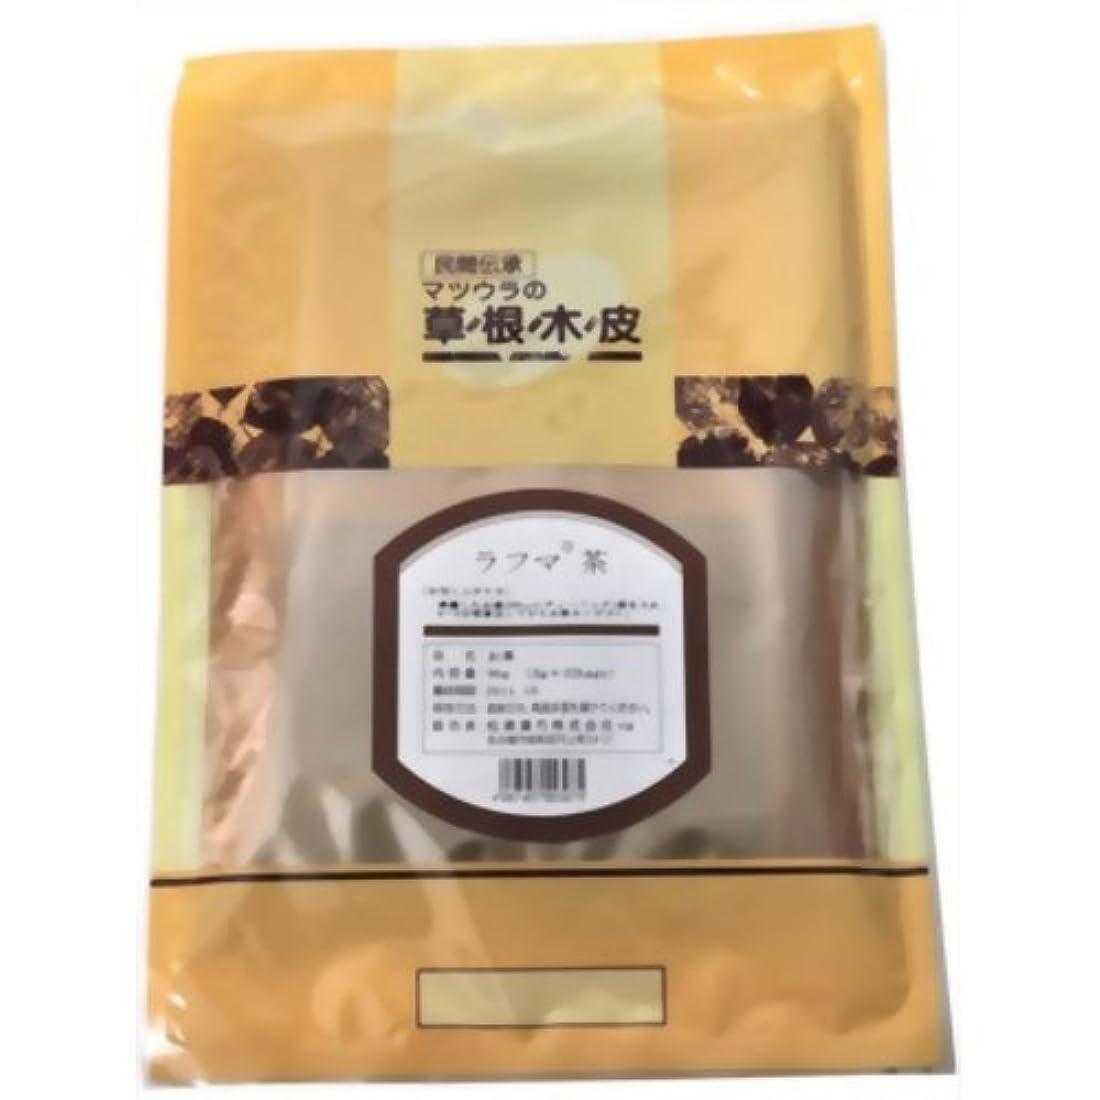 不愉快嵐が丘パトワラフマ茶 3gx32袋